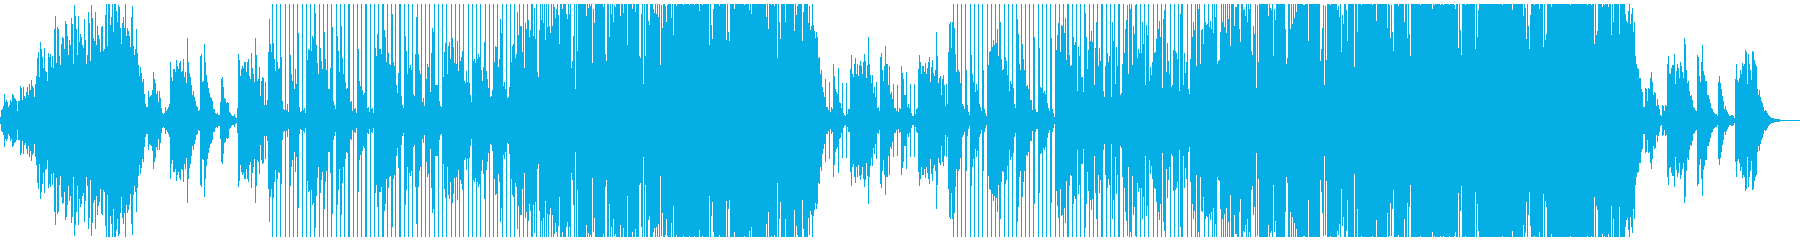 感動、トロピカル、ADM、洋楽テイストの再生済みの波形